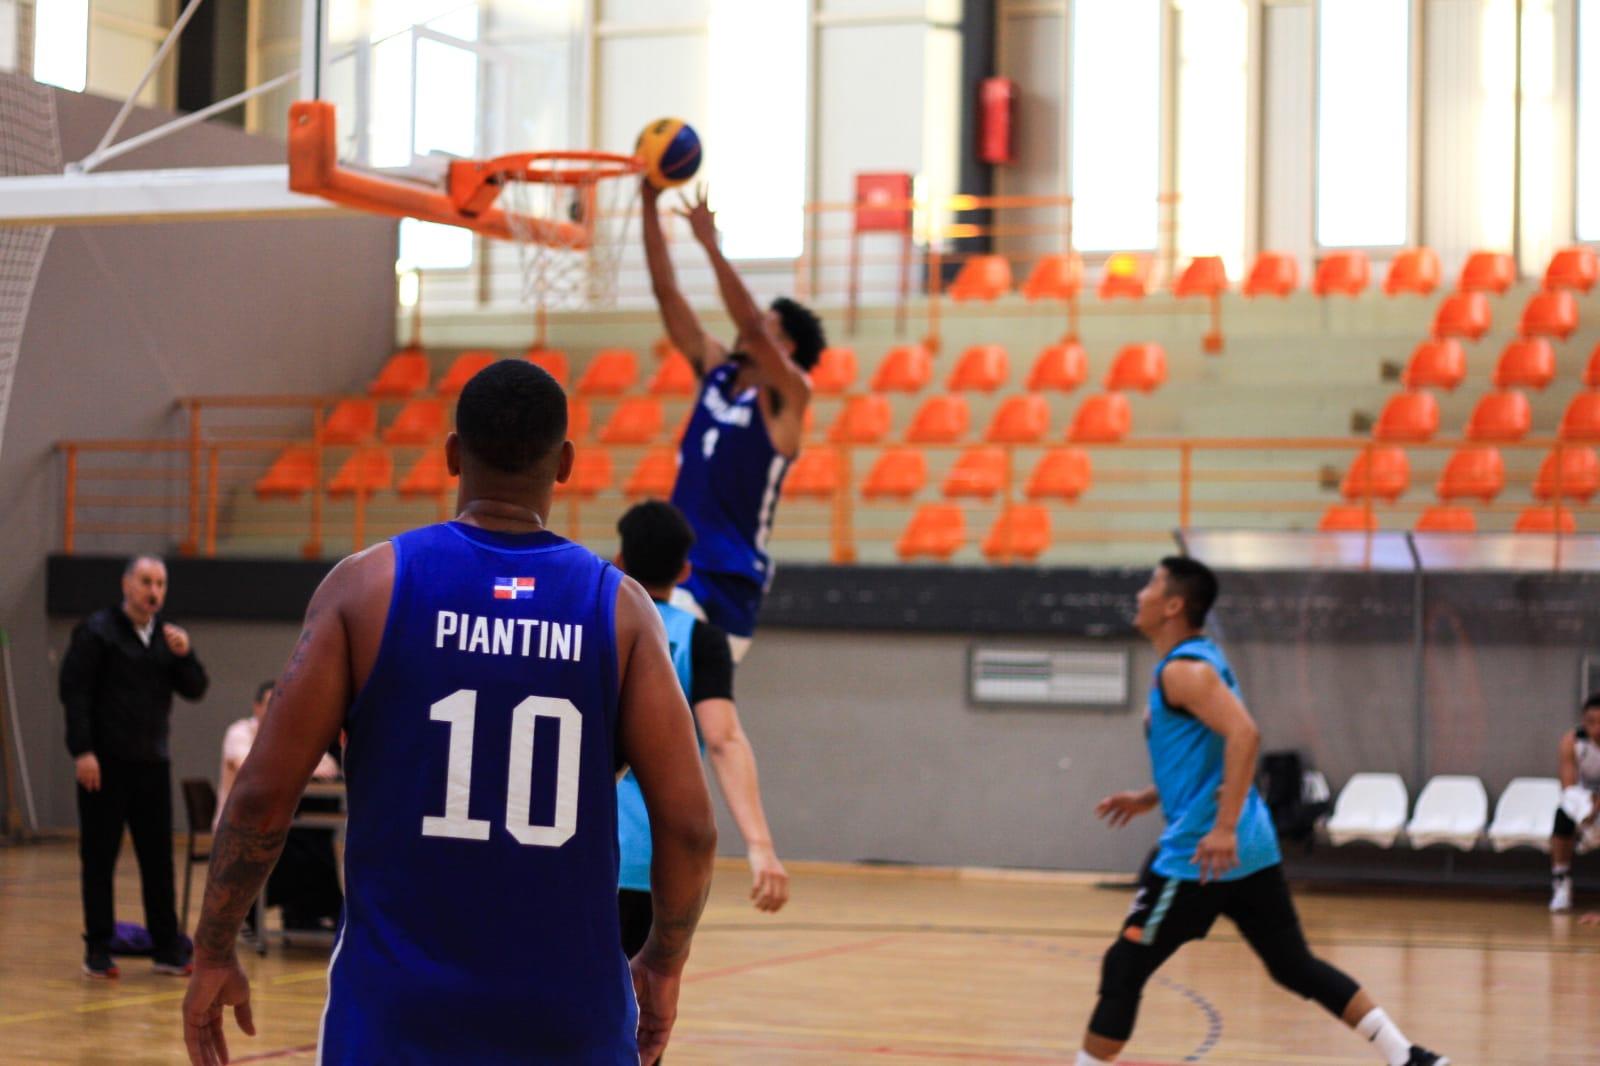 Baloncesto dominicano 3x3 enfocado en el clasificatorio olímpico